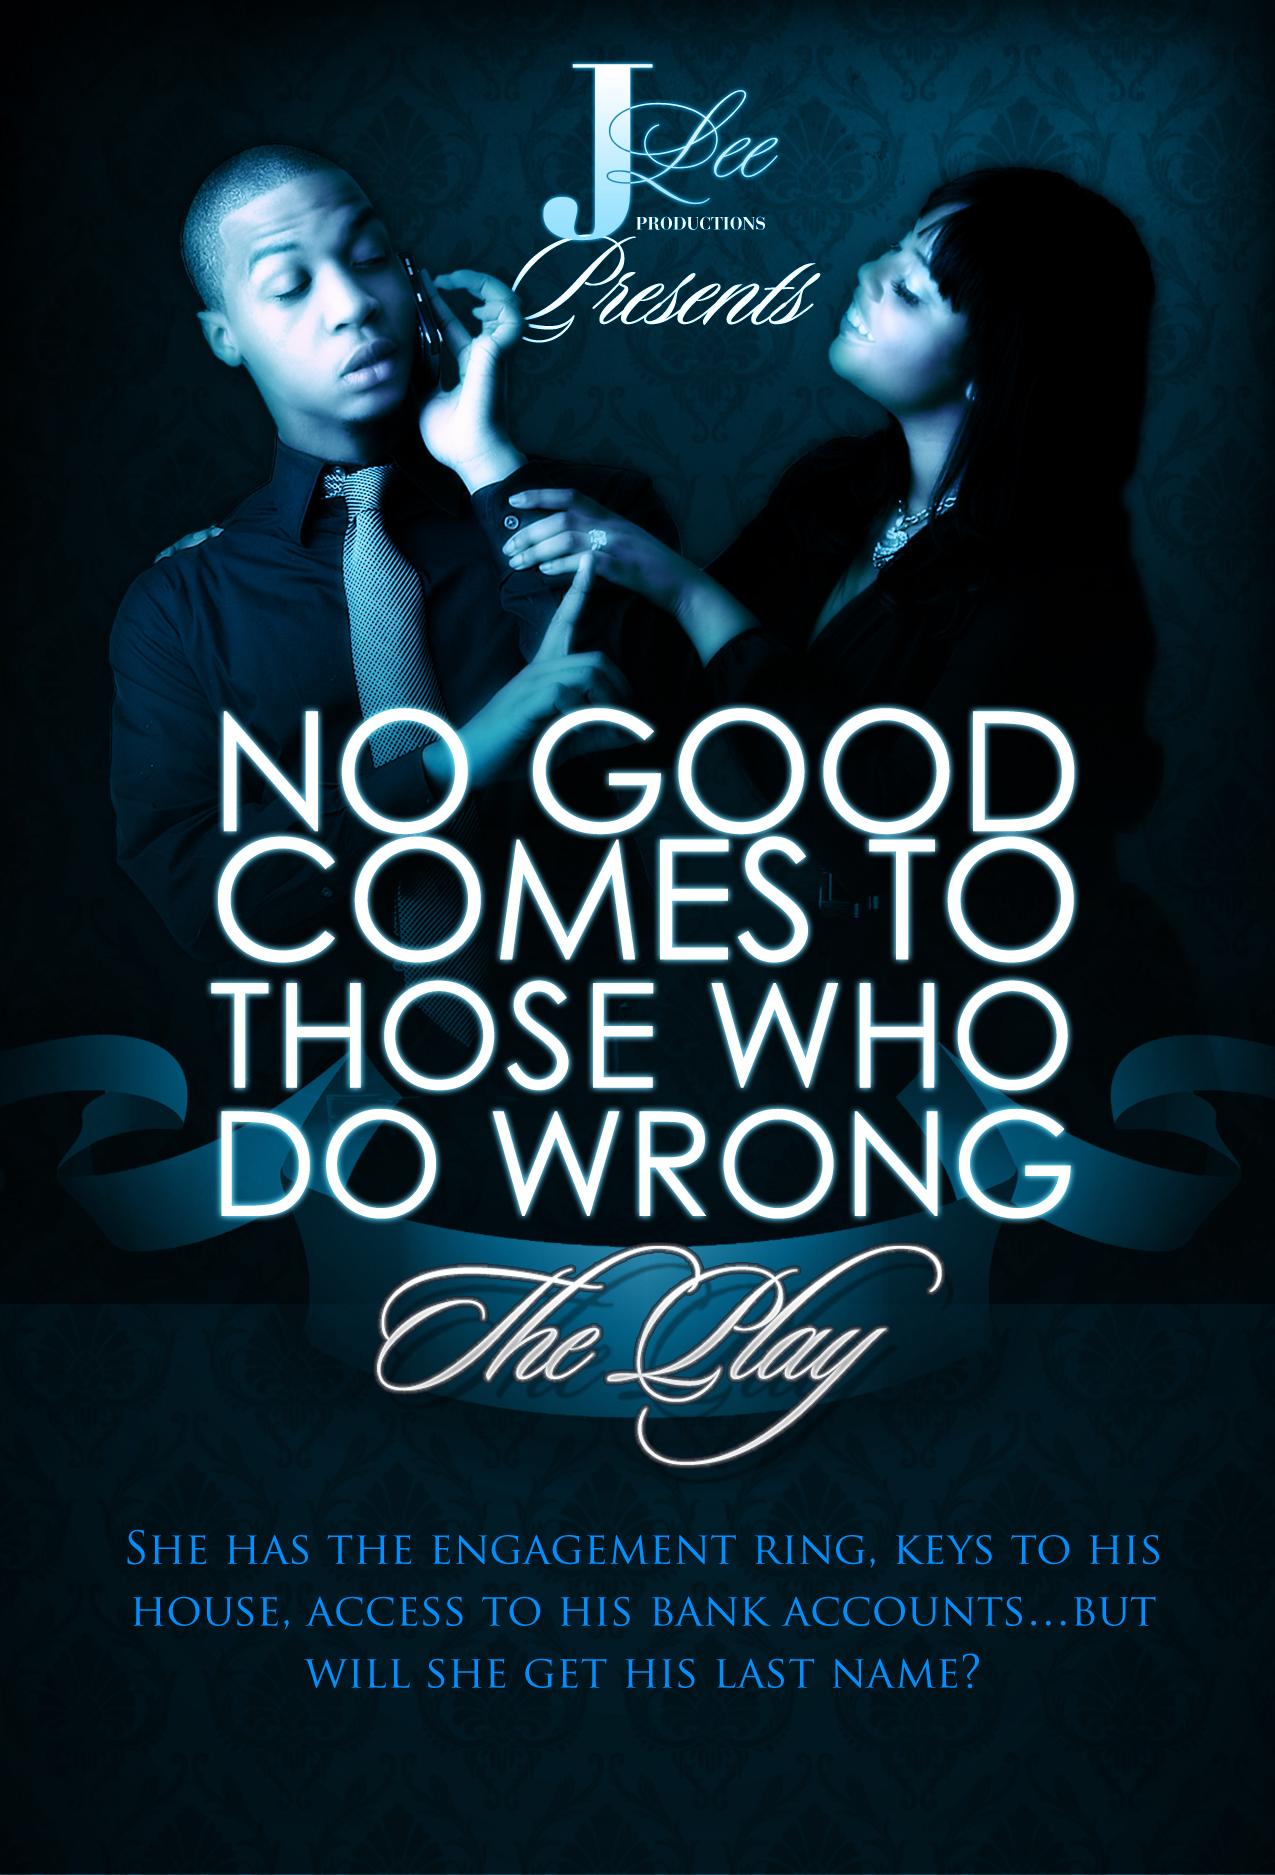 NO GOOD COMES TO THOSE WHO DO WRONG